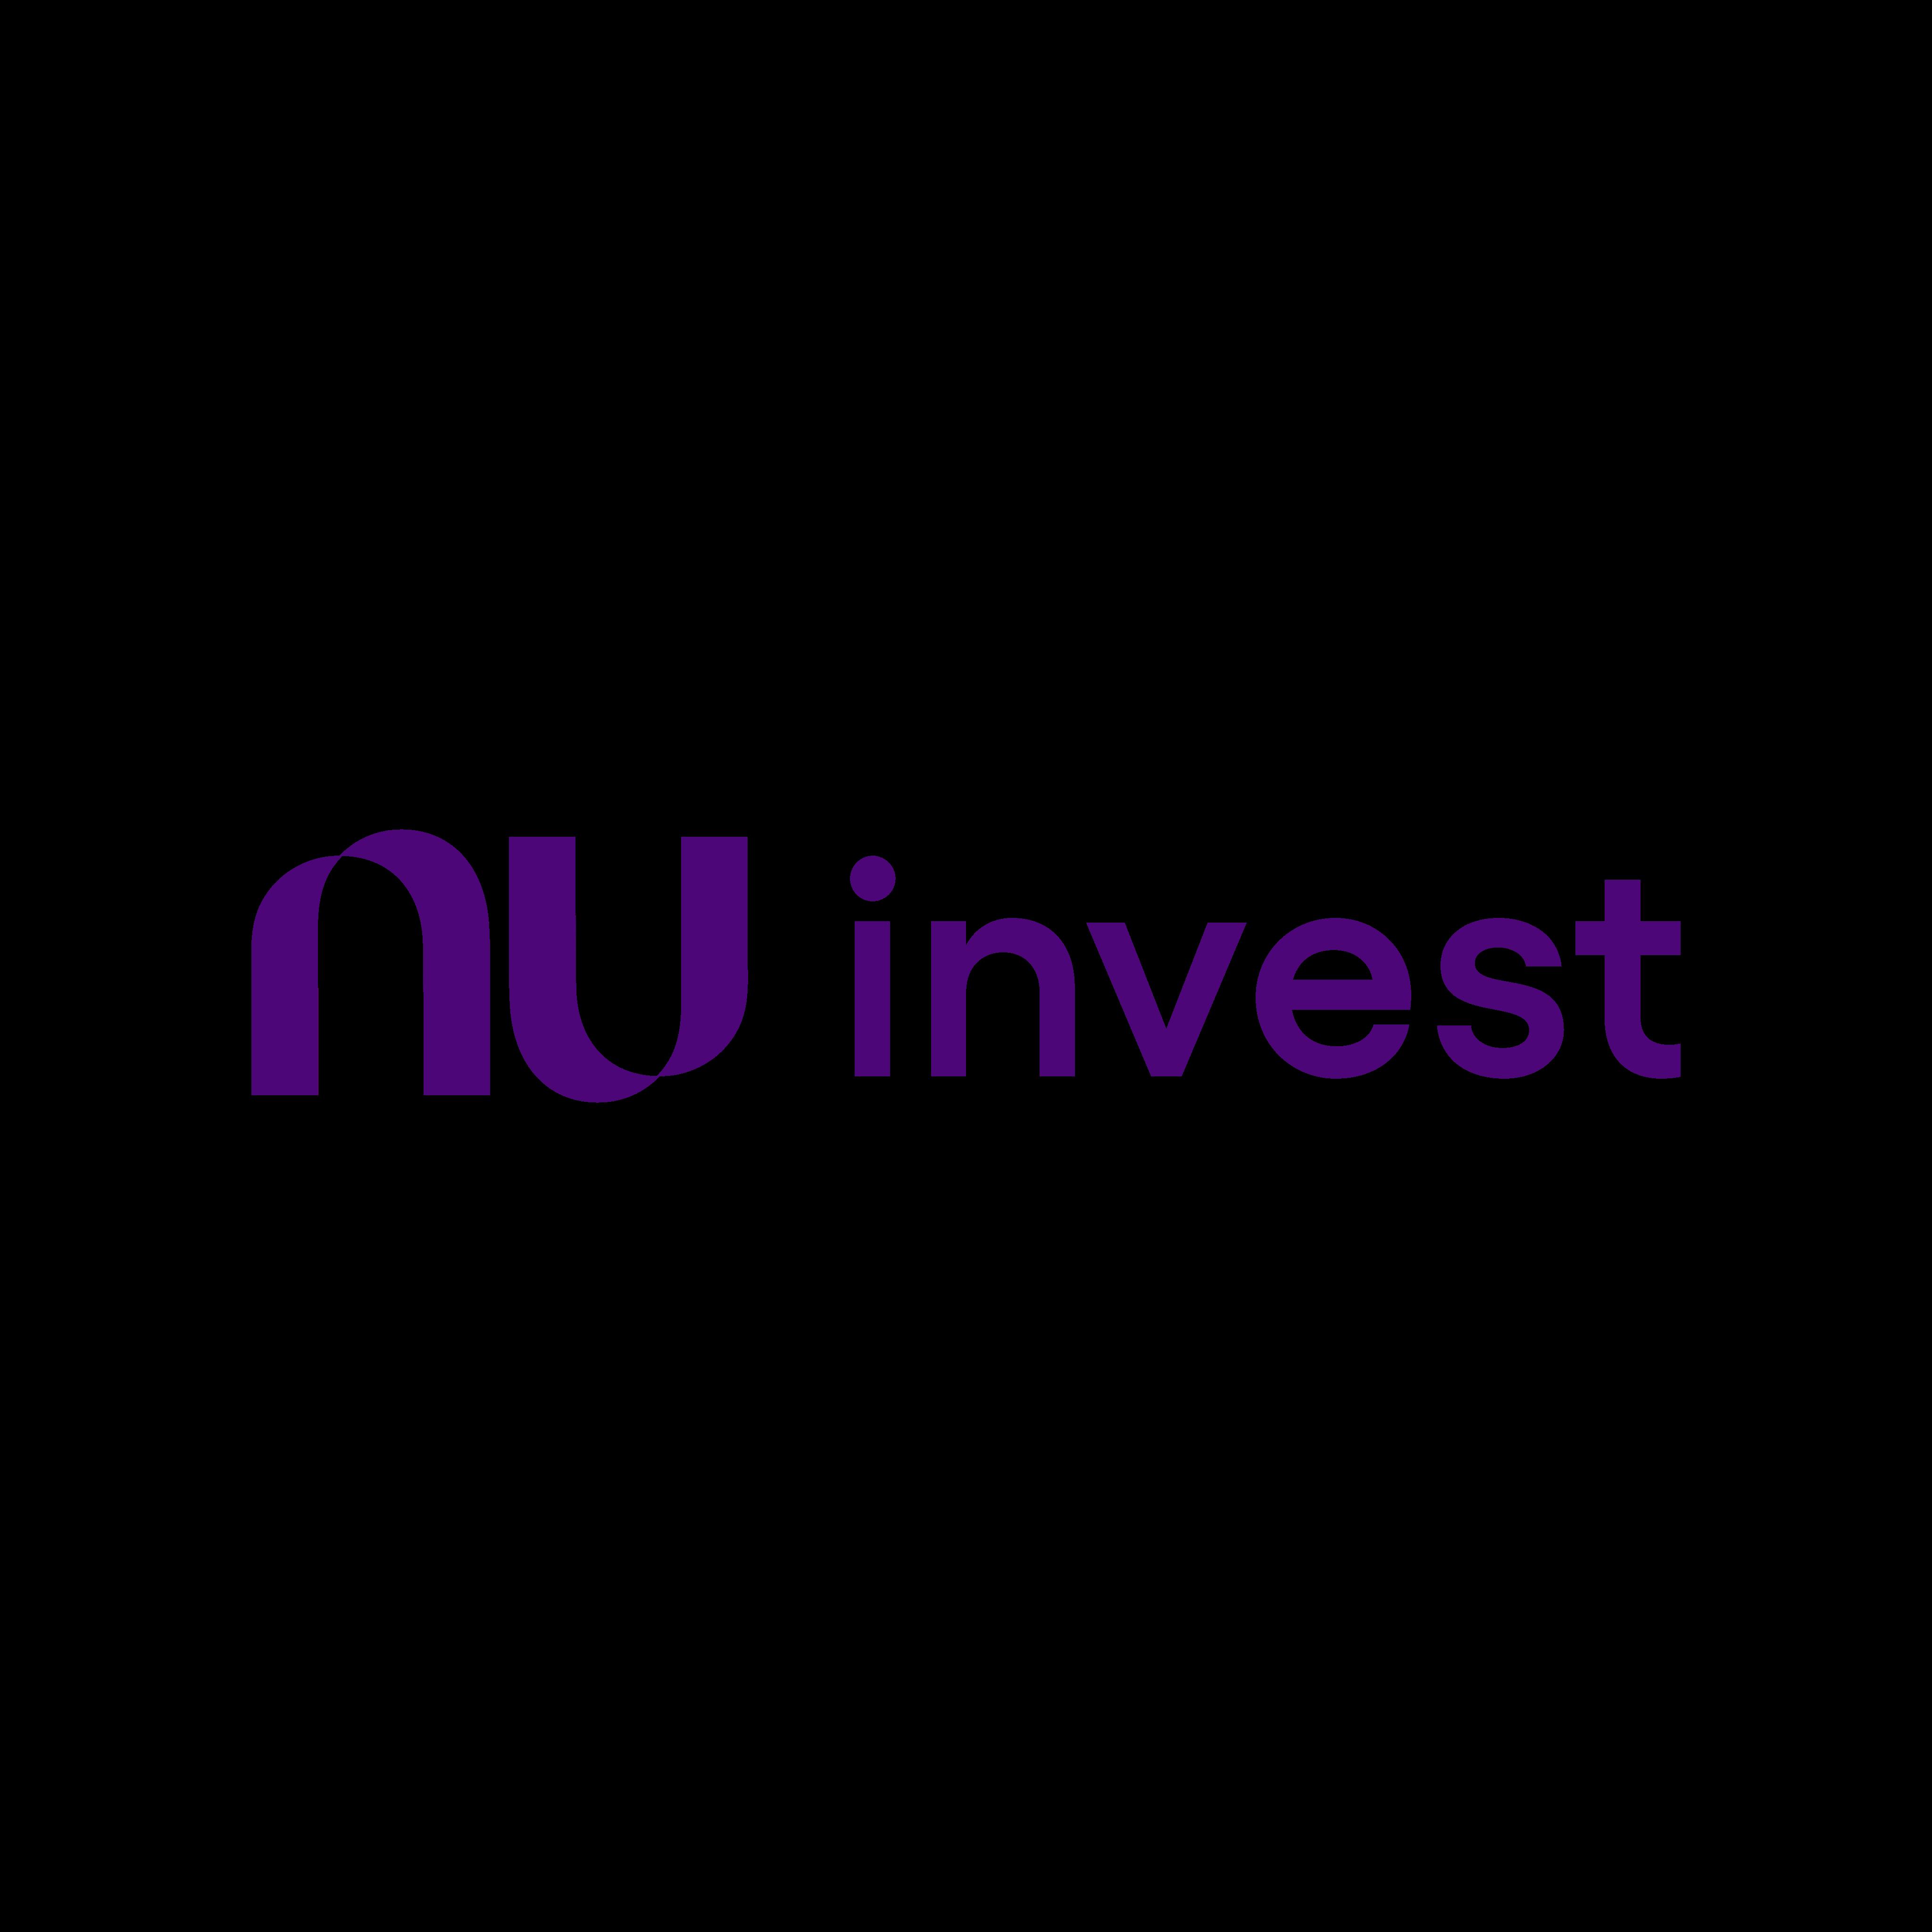 nu invest logo 0 - Nu Invest Logo